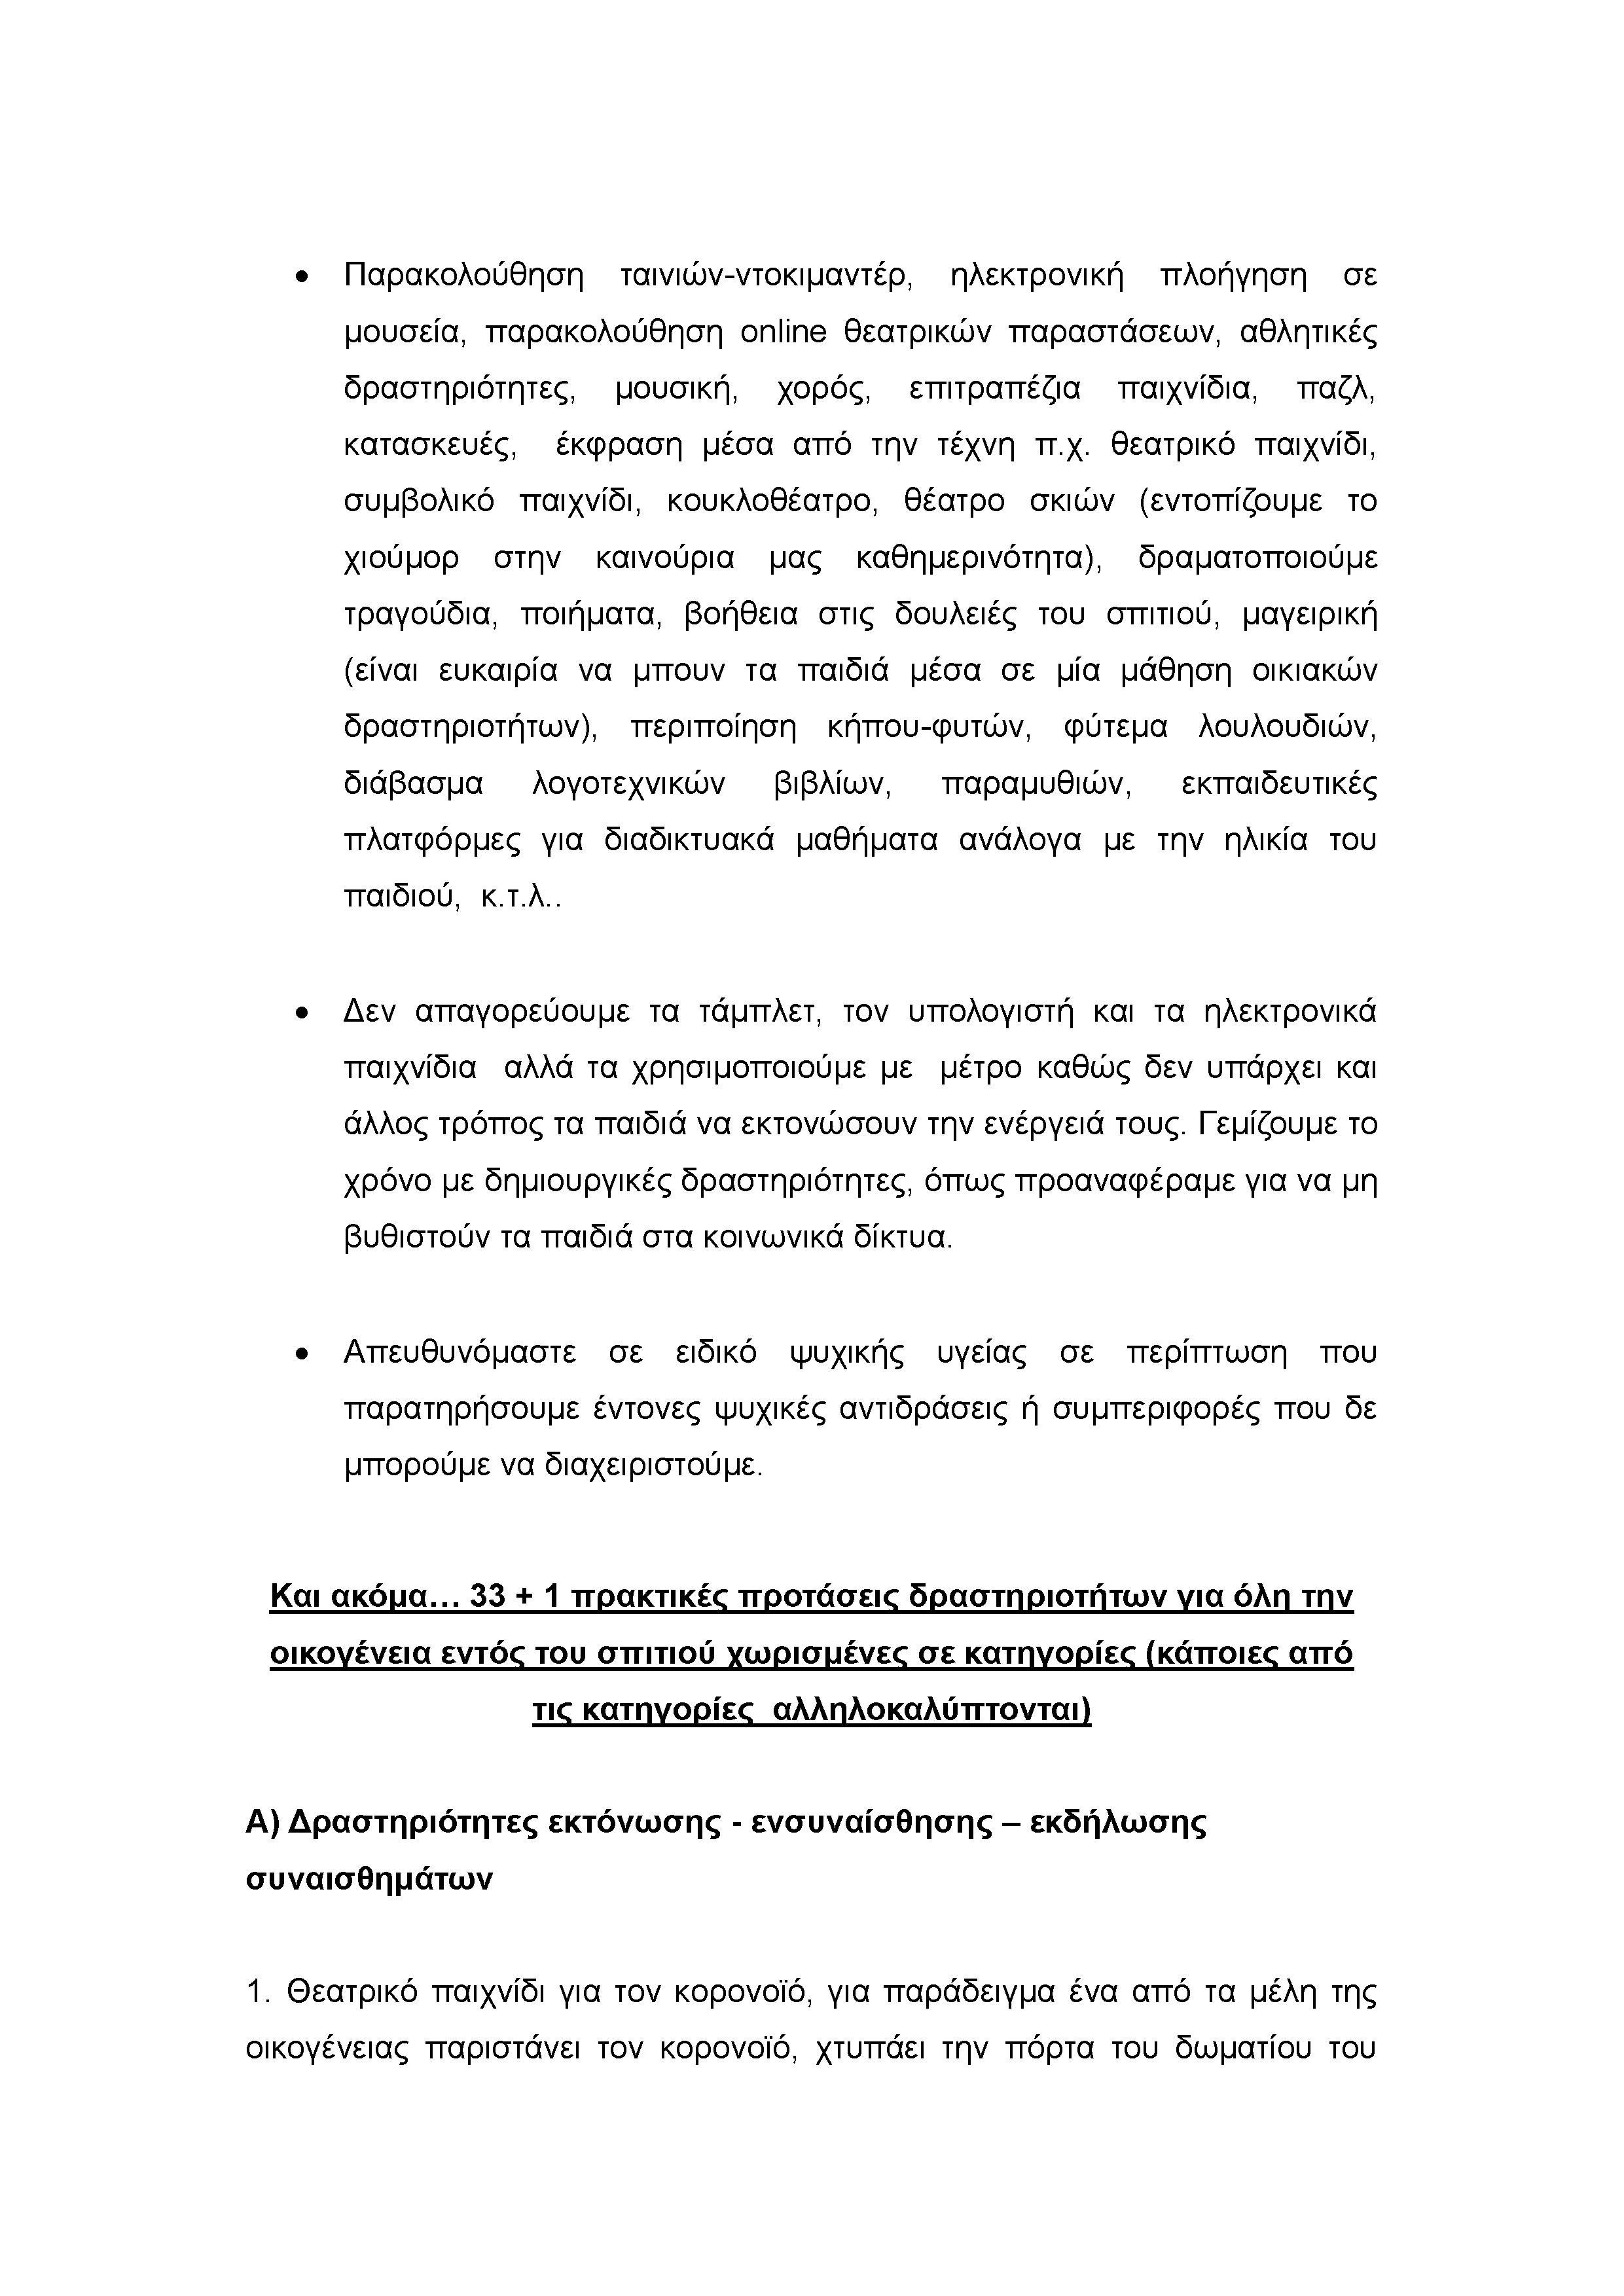 Ενδεικτικές-προτάσεις-από-το-ΚΕΣΥ-Αργολίδας-για-την-υποστήριξη-των-παιδιών-εν-μέσω-πανδημίας-COVID-19-4